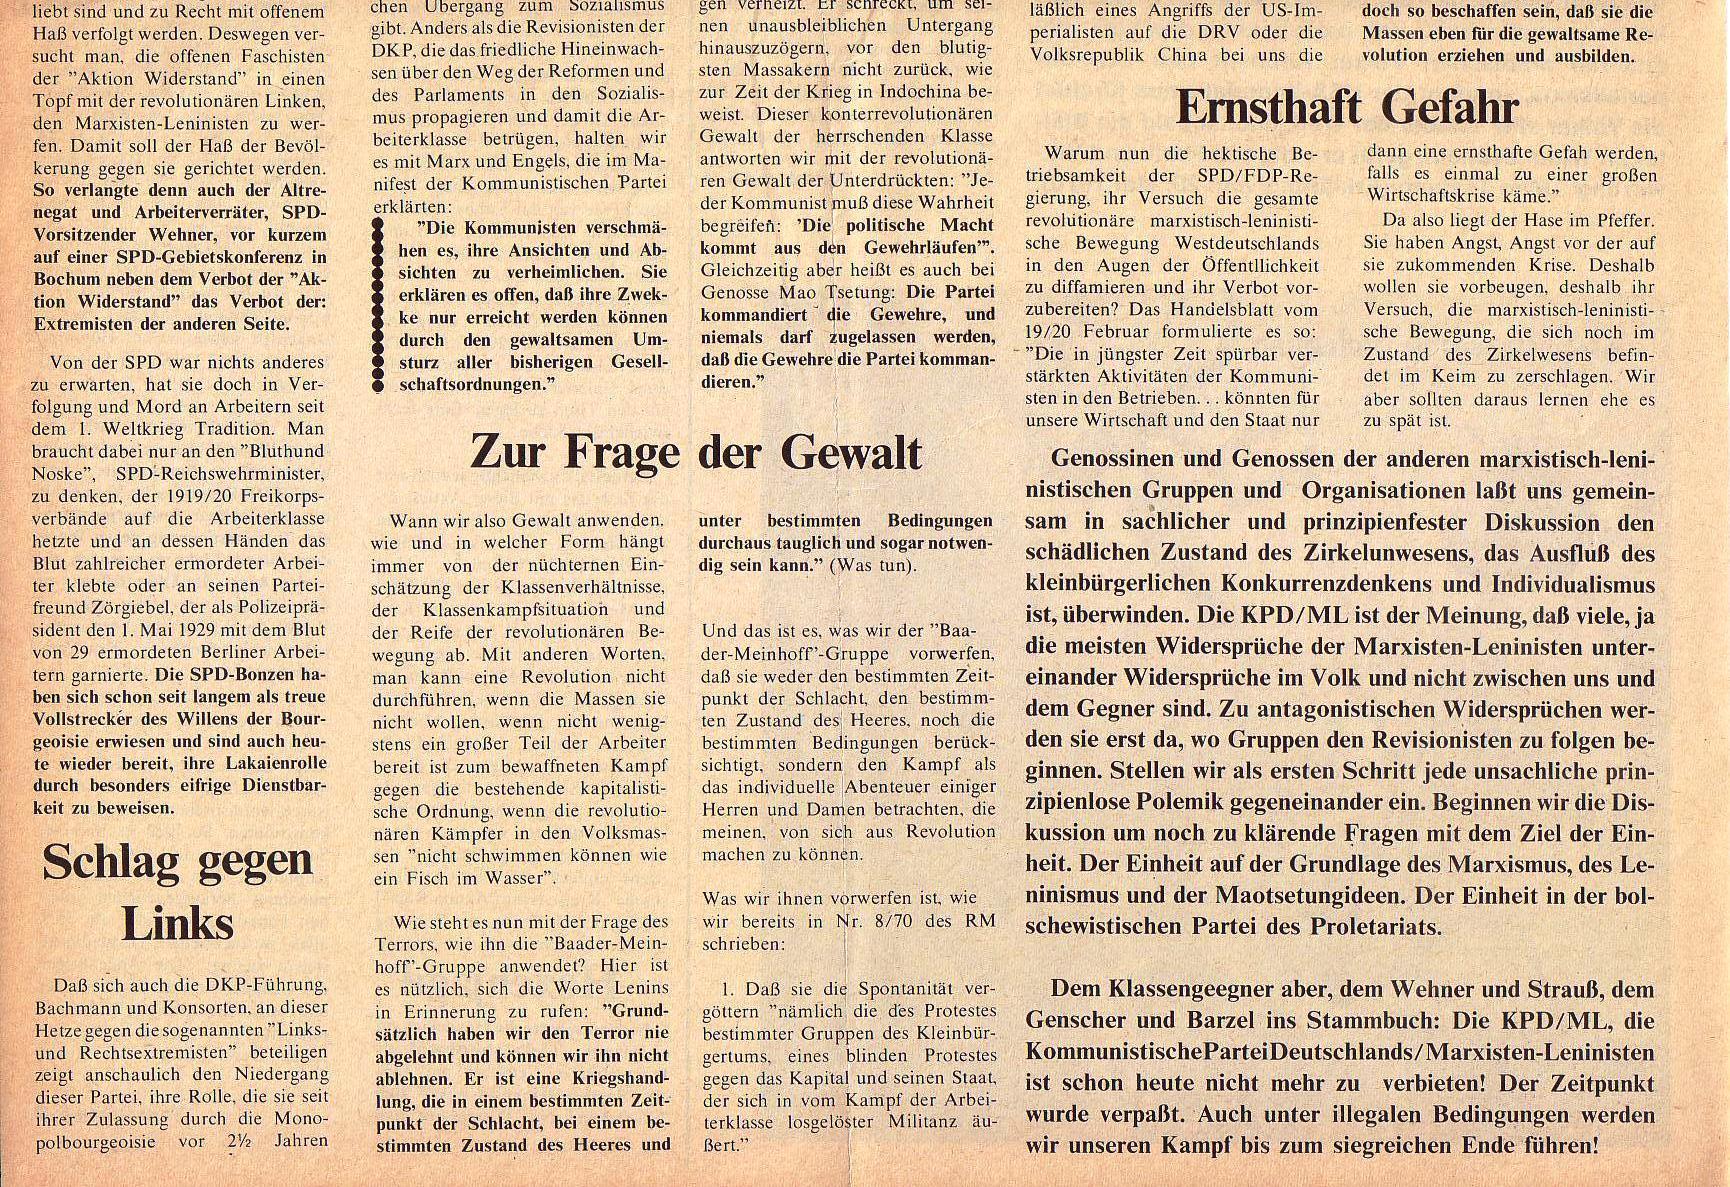 Roter Morgen, 5. Jg., März 1971, Nr. 3, Seite 2b